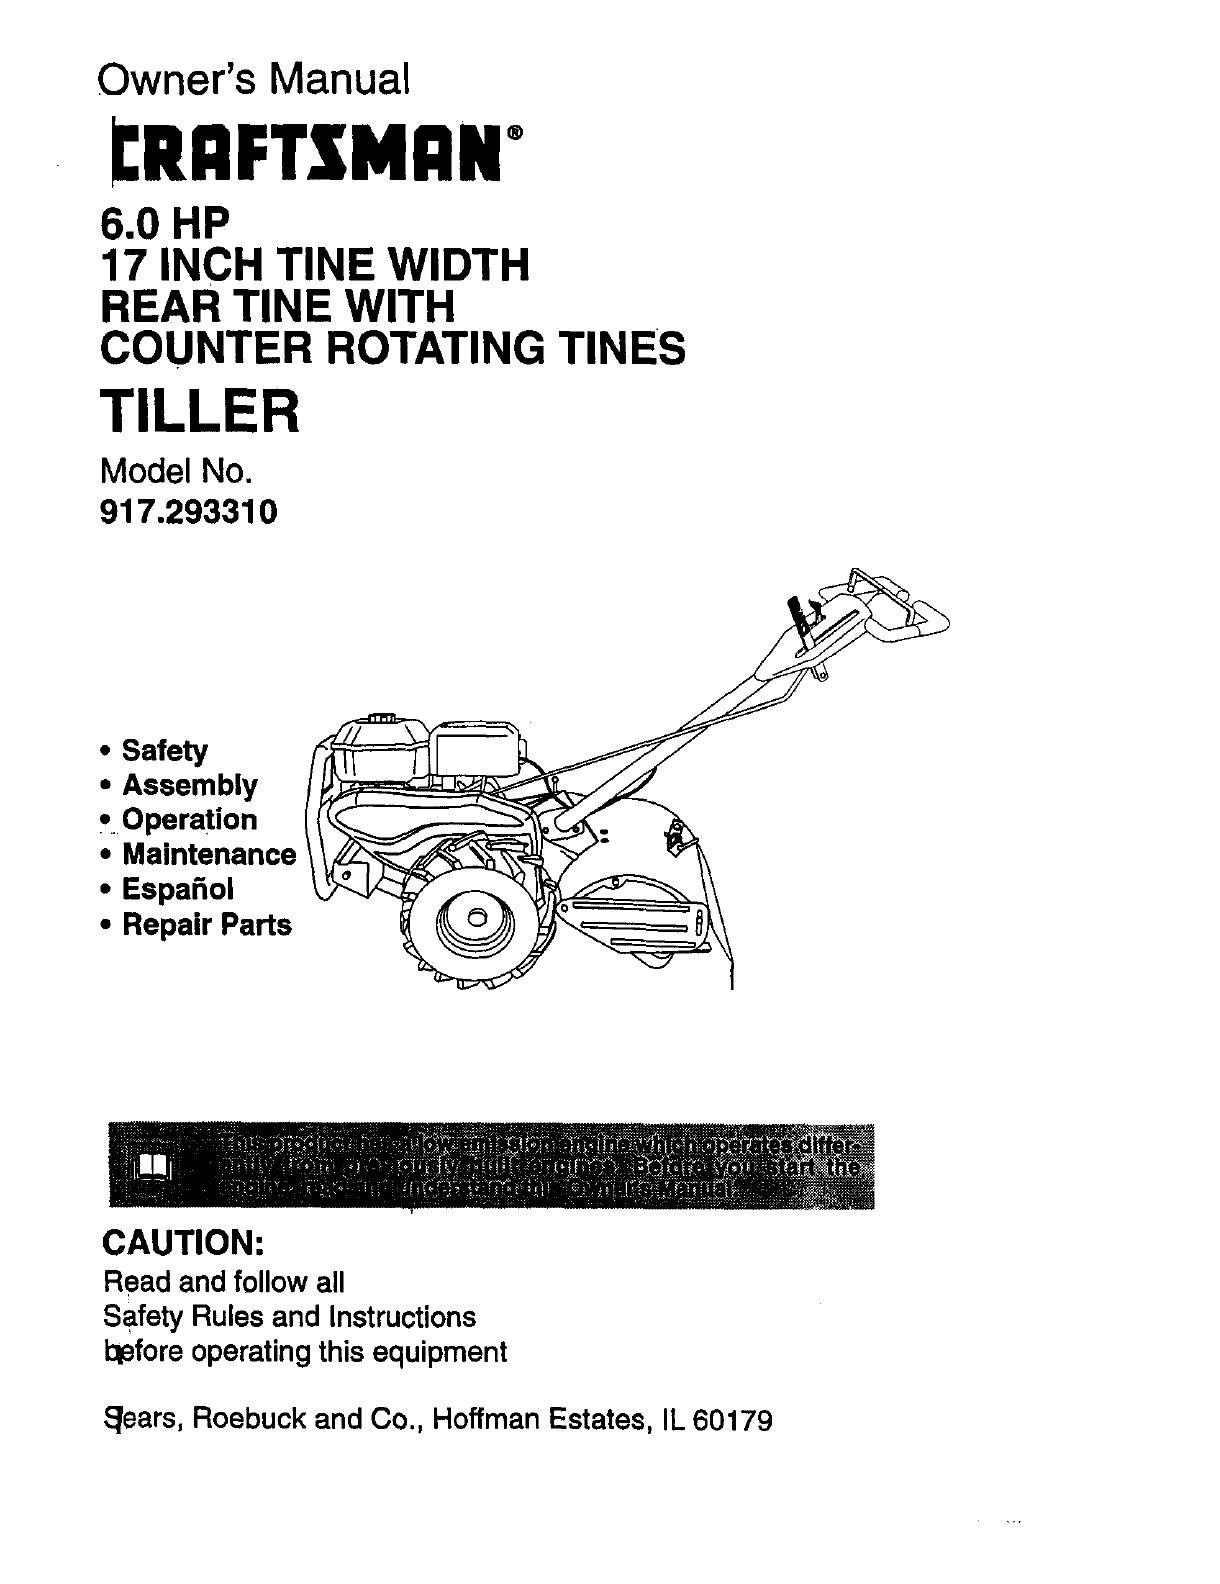 Craftsman Tiller 917 User Guide